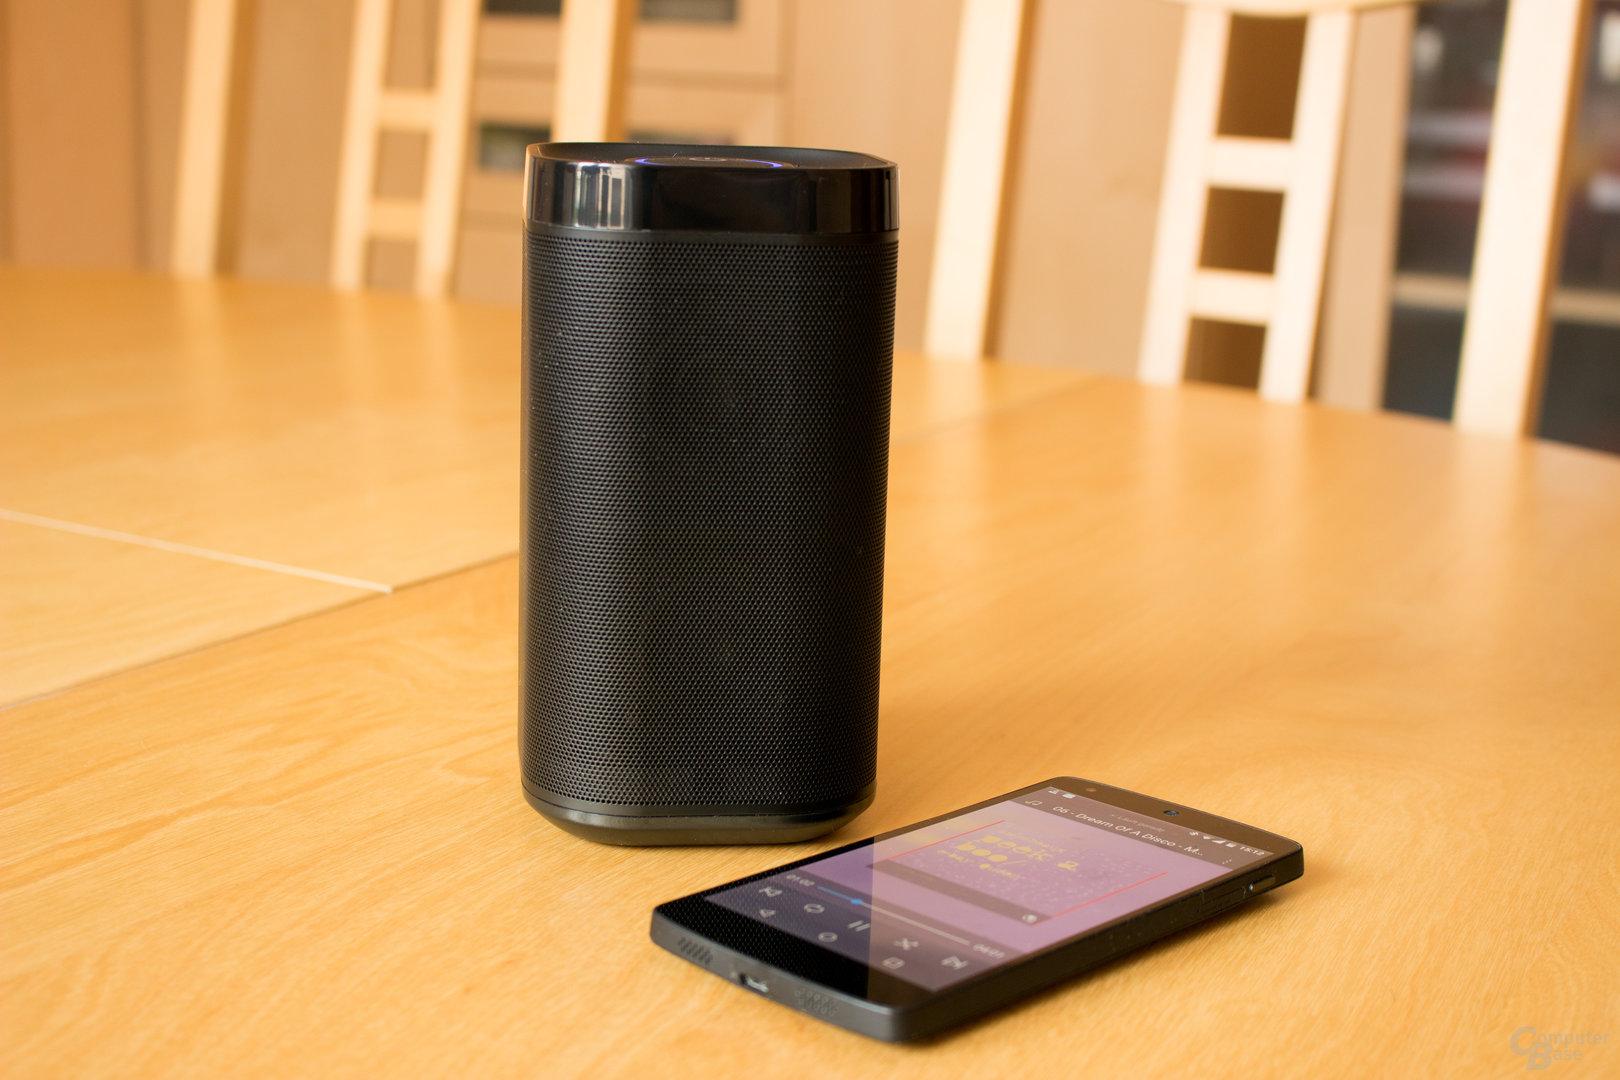 Der DP300 lässt sich schnell und einfach per Bluetooth mit einem Quellgerät koppeln